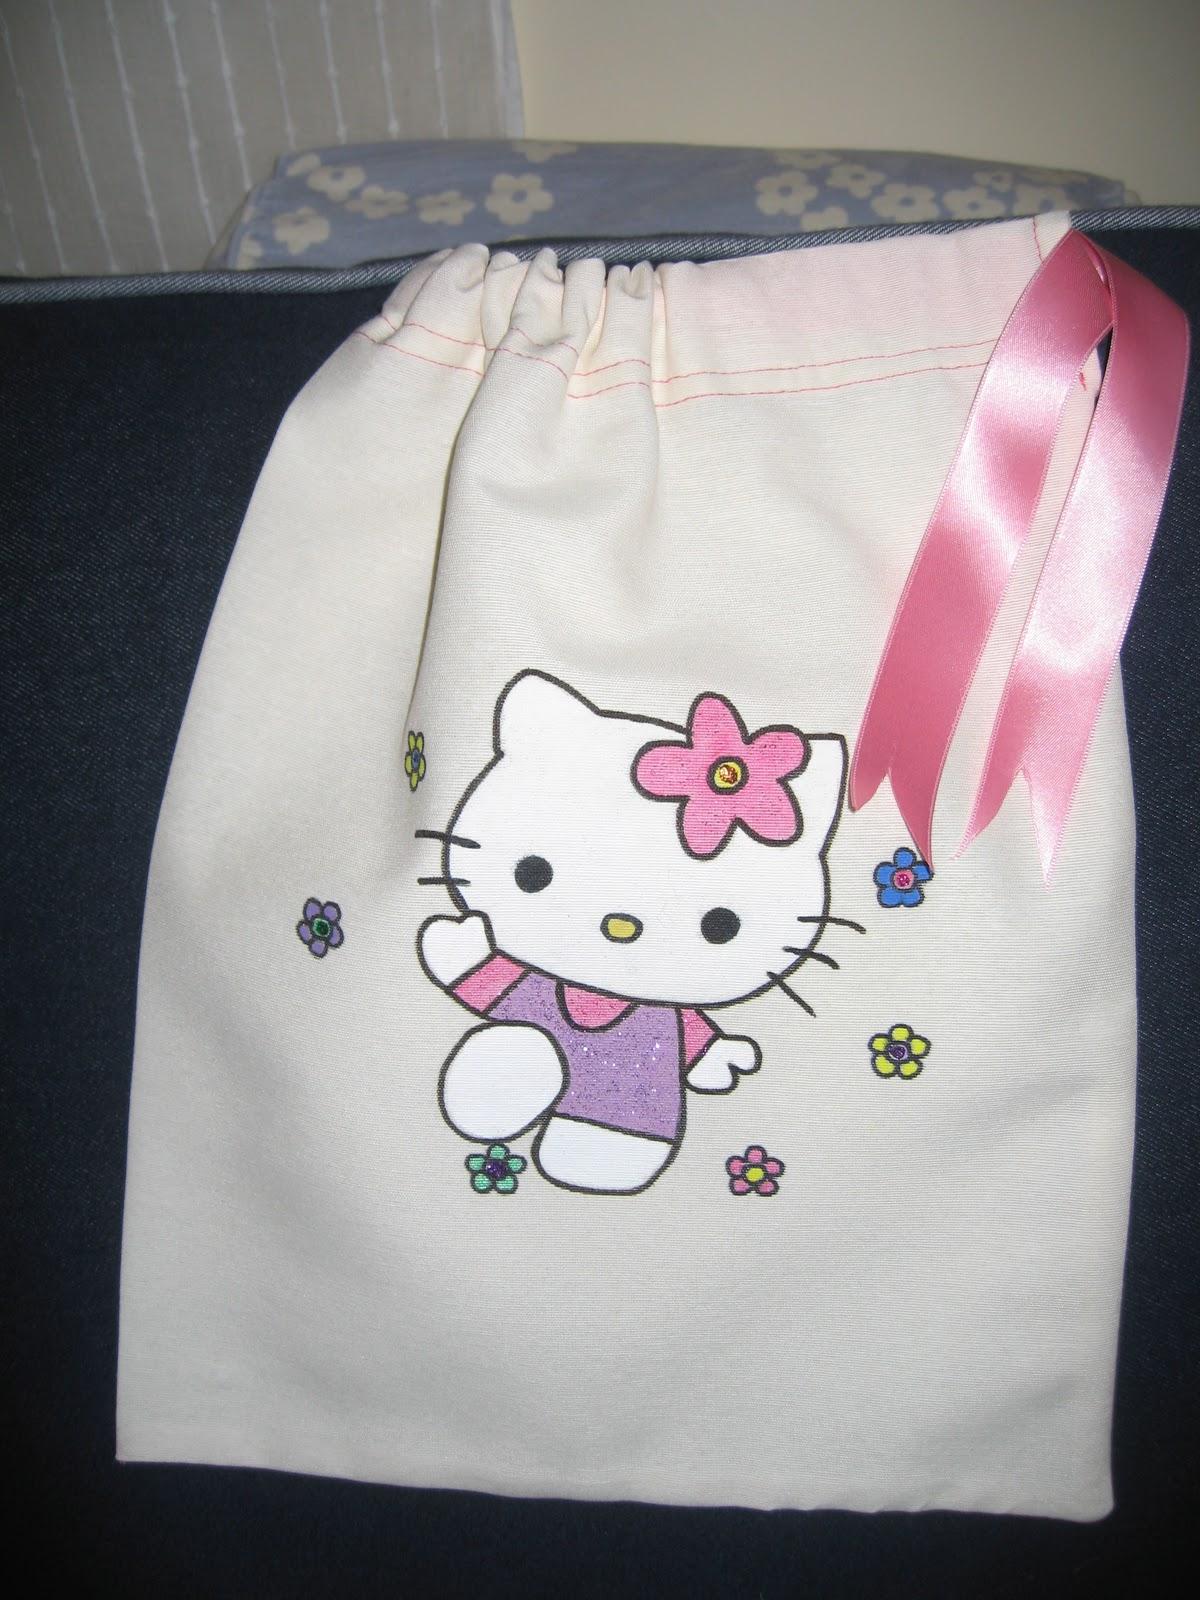 Artes manuales bolsas decoradas tela ni os - Bolsas de tela para ninos ...